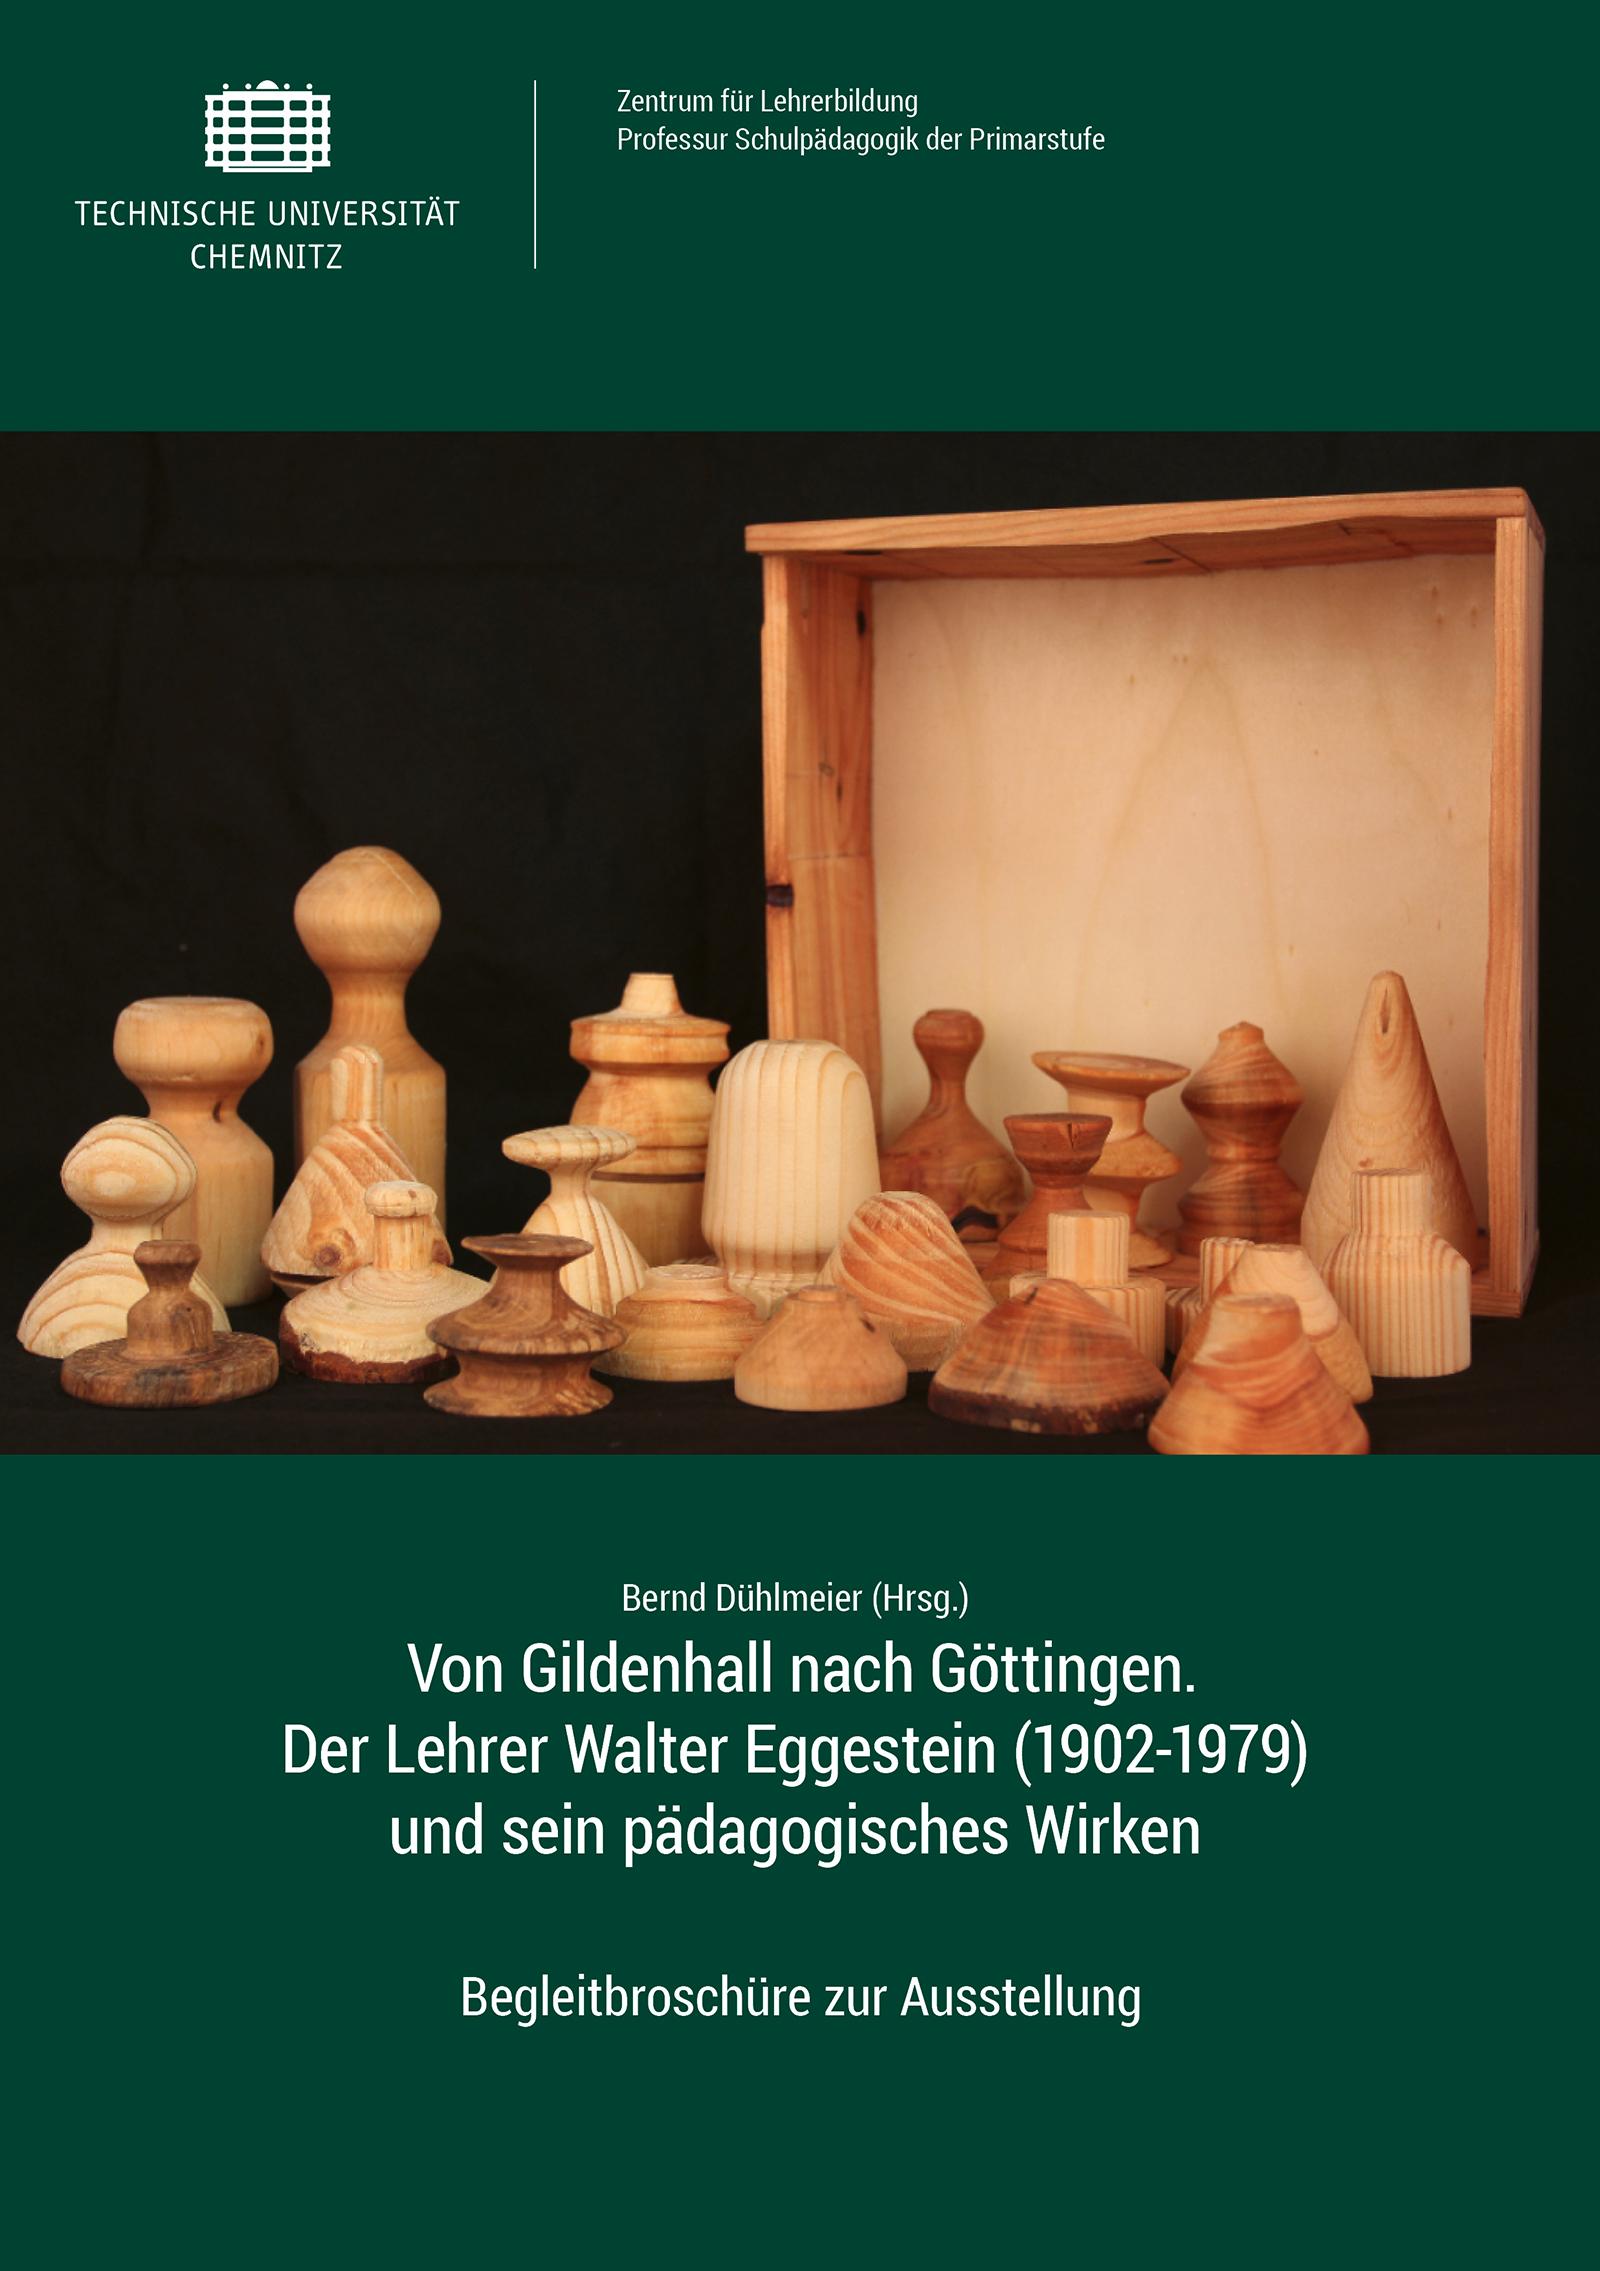 Cover: Von Gildenhall nach Göttingen. Der Lehrer Walter Eggestein (1902-1979) und sein pädagogisches Wirken : Begleitbroschüre zur Ausstellung / Bernd Dühlmeier (Hrsg.)